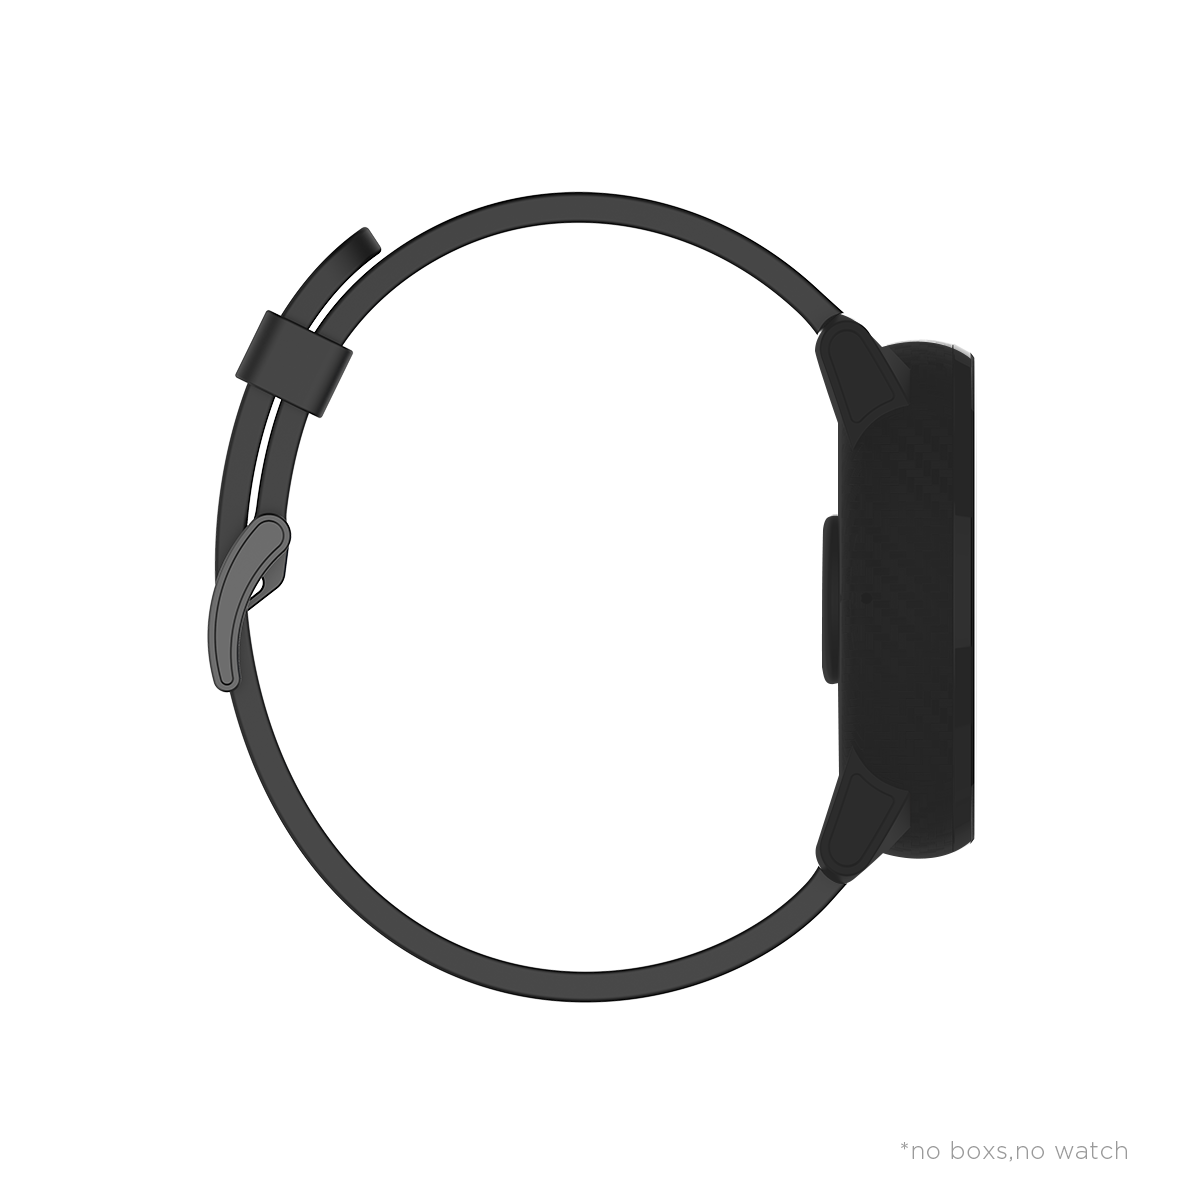 inteligente para amazfit stratos smartwatch sem caixa